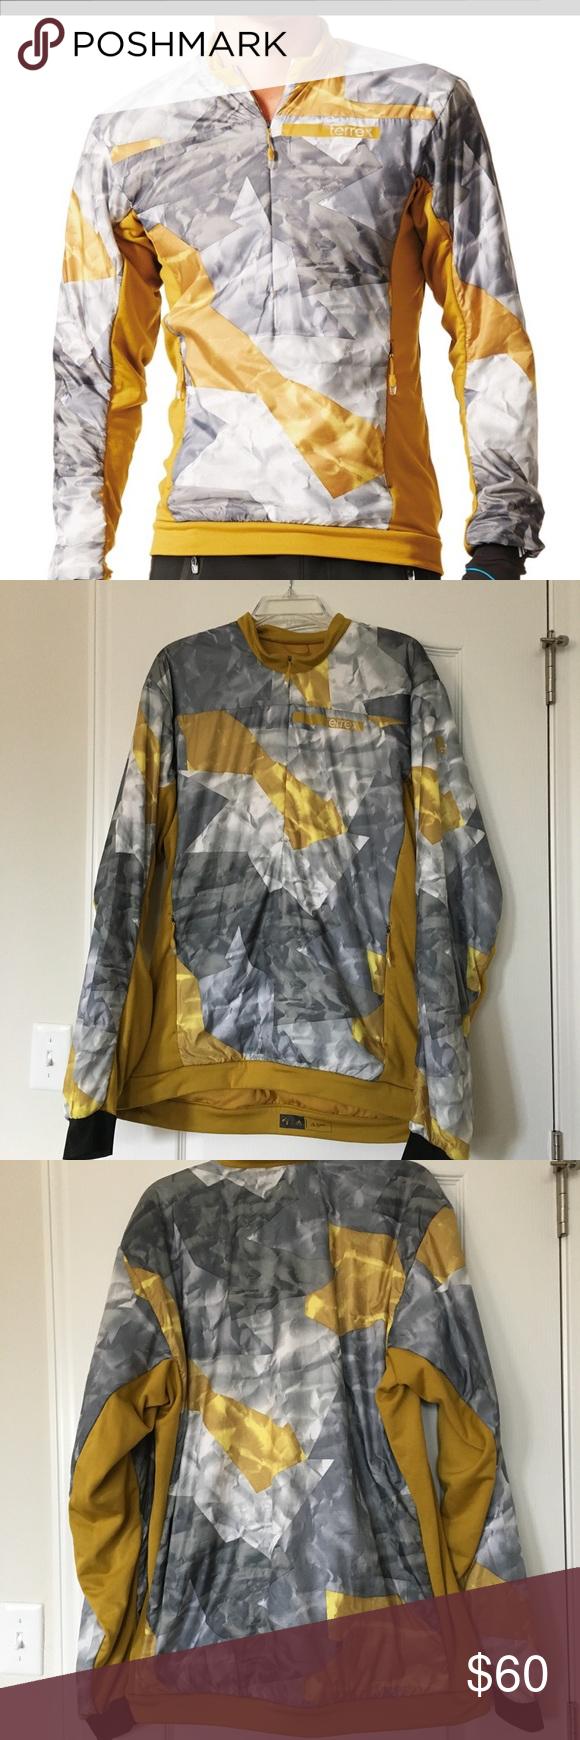 Adidas terrex polartec jacket